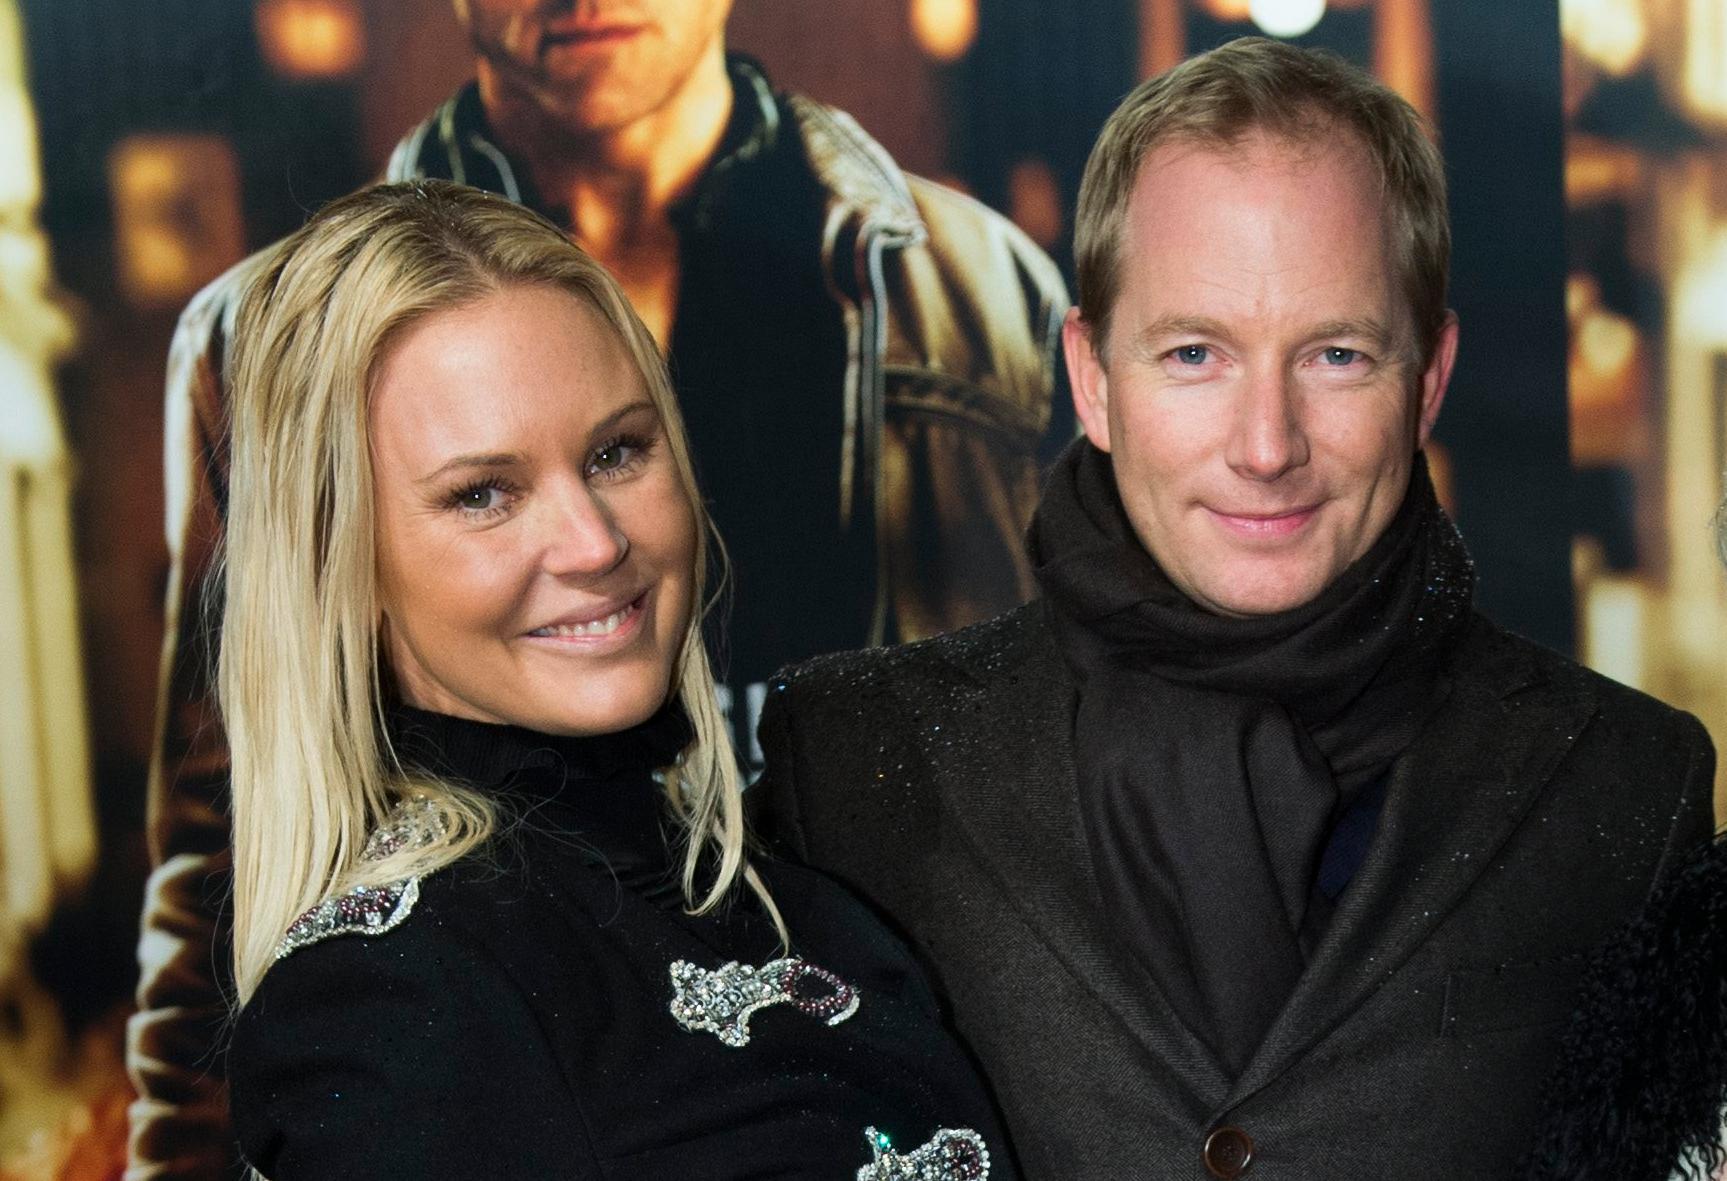 Magdalena Graaf Filip Larsson